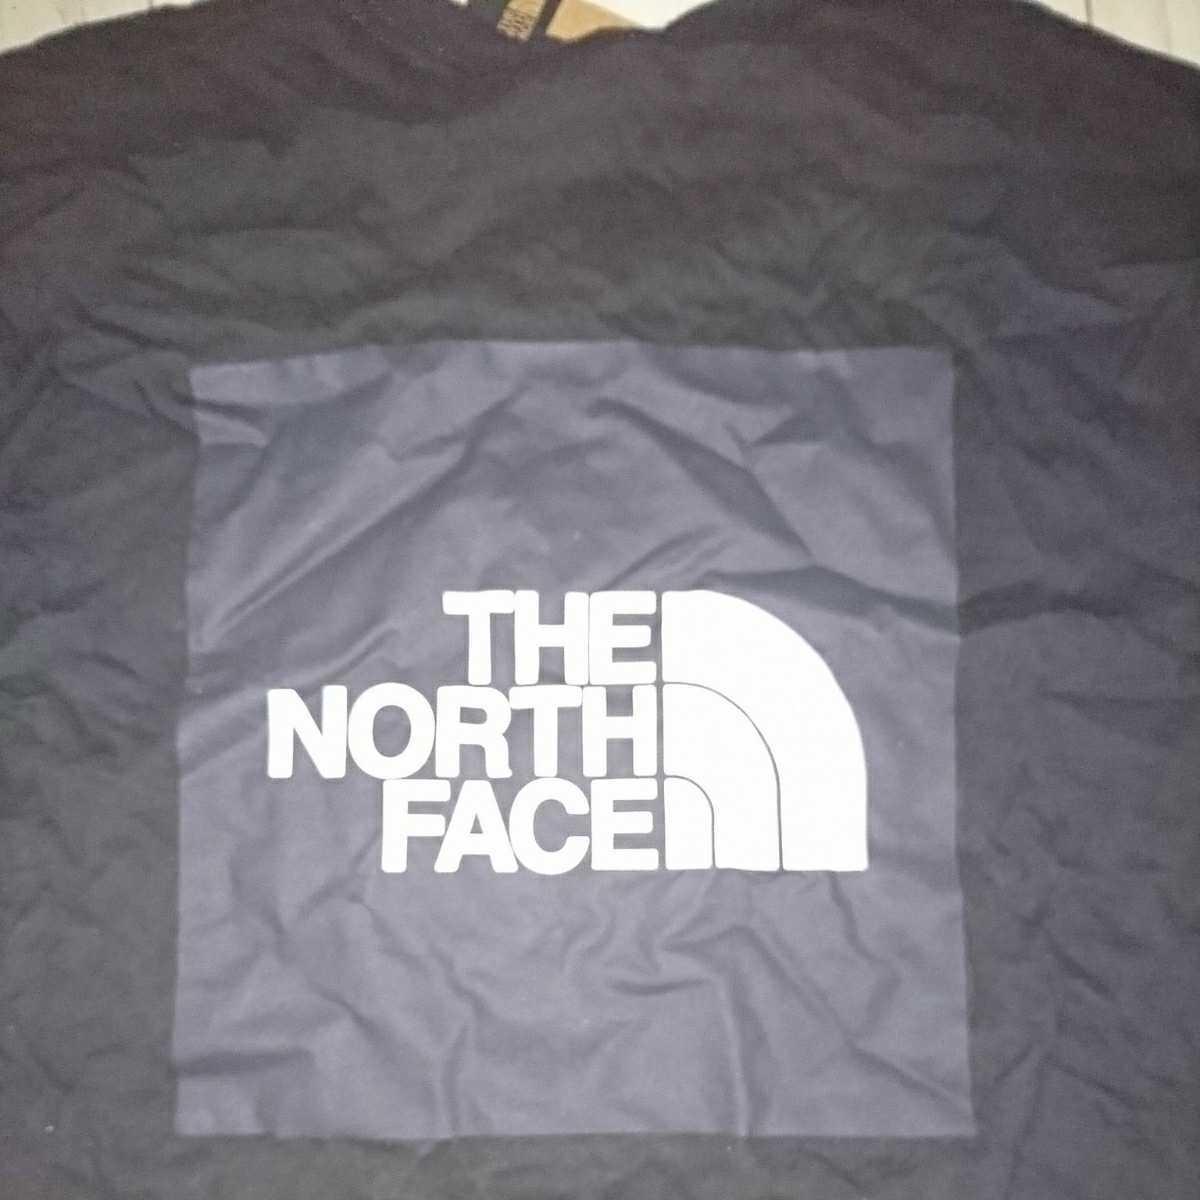 THE NORTH FACE ノースフェイス Tシャツ 半袖Tシャツ ロゴ デカロゴ Sサイズ アメリカ輸入品 黒 BLACK 新品未使用 タグ付き